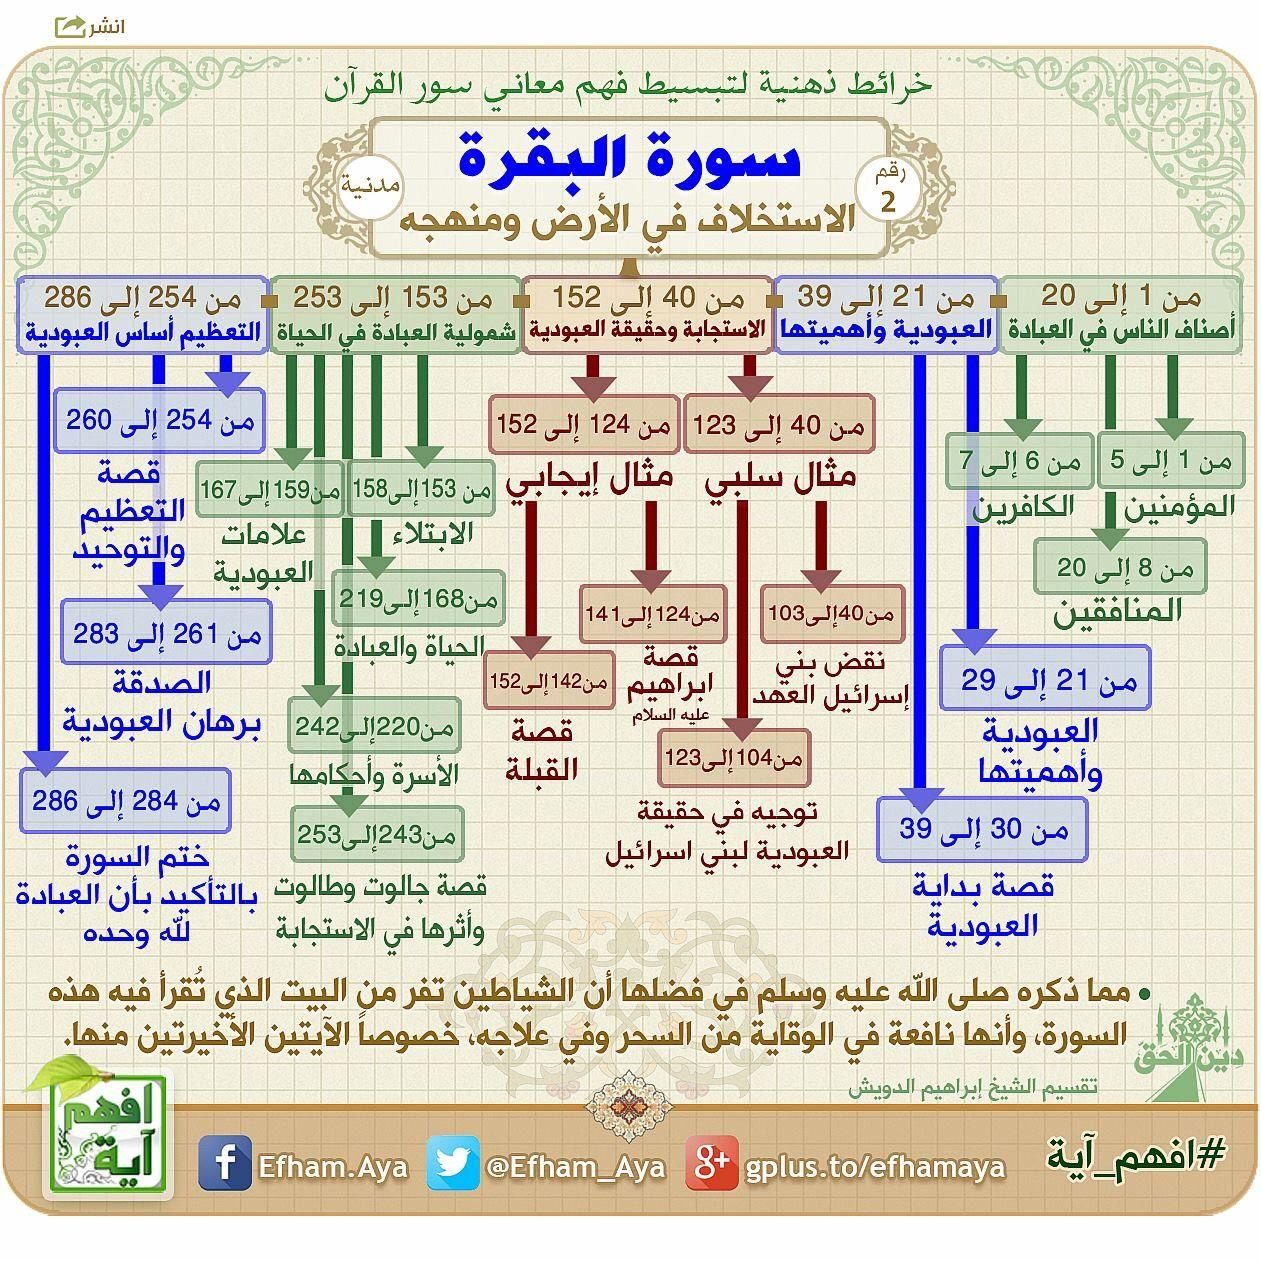 خرائط ذهنية سورة البقرة Quran Tafseer Quran Book Learn Quran